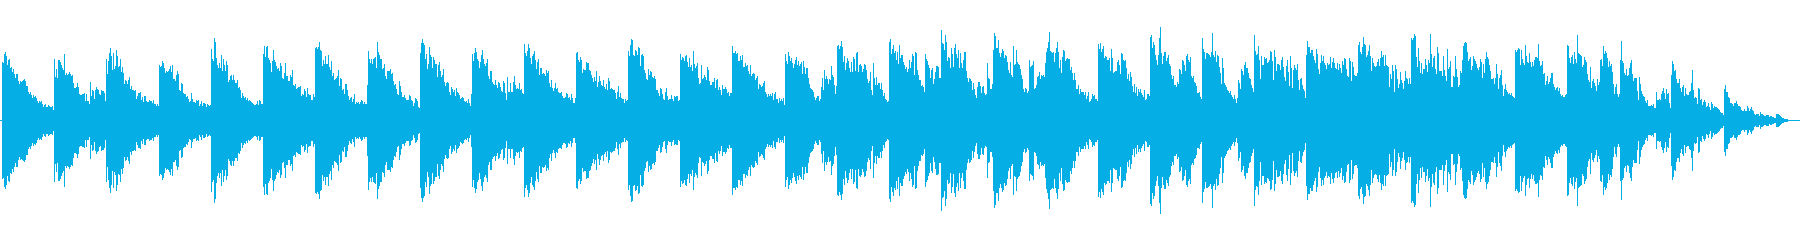 アクアリウムのようなシンセサイザーBGMの再生済みの波形